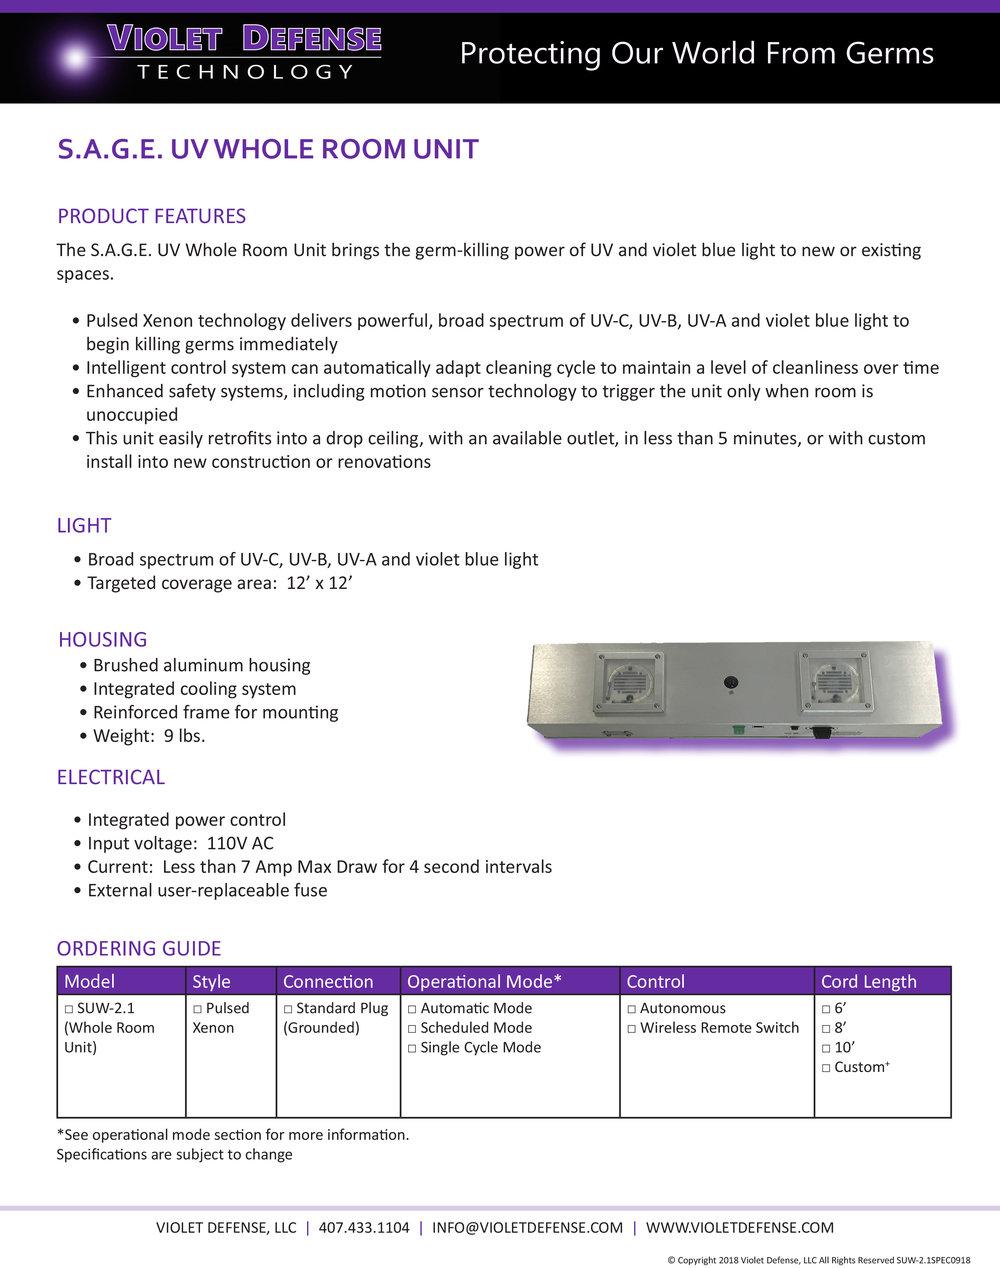 SAGE UV Whole Room Specs-1.jpg